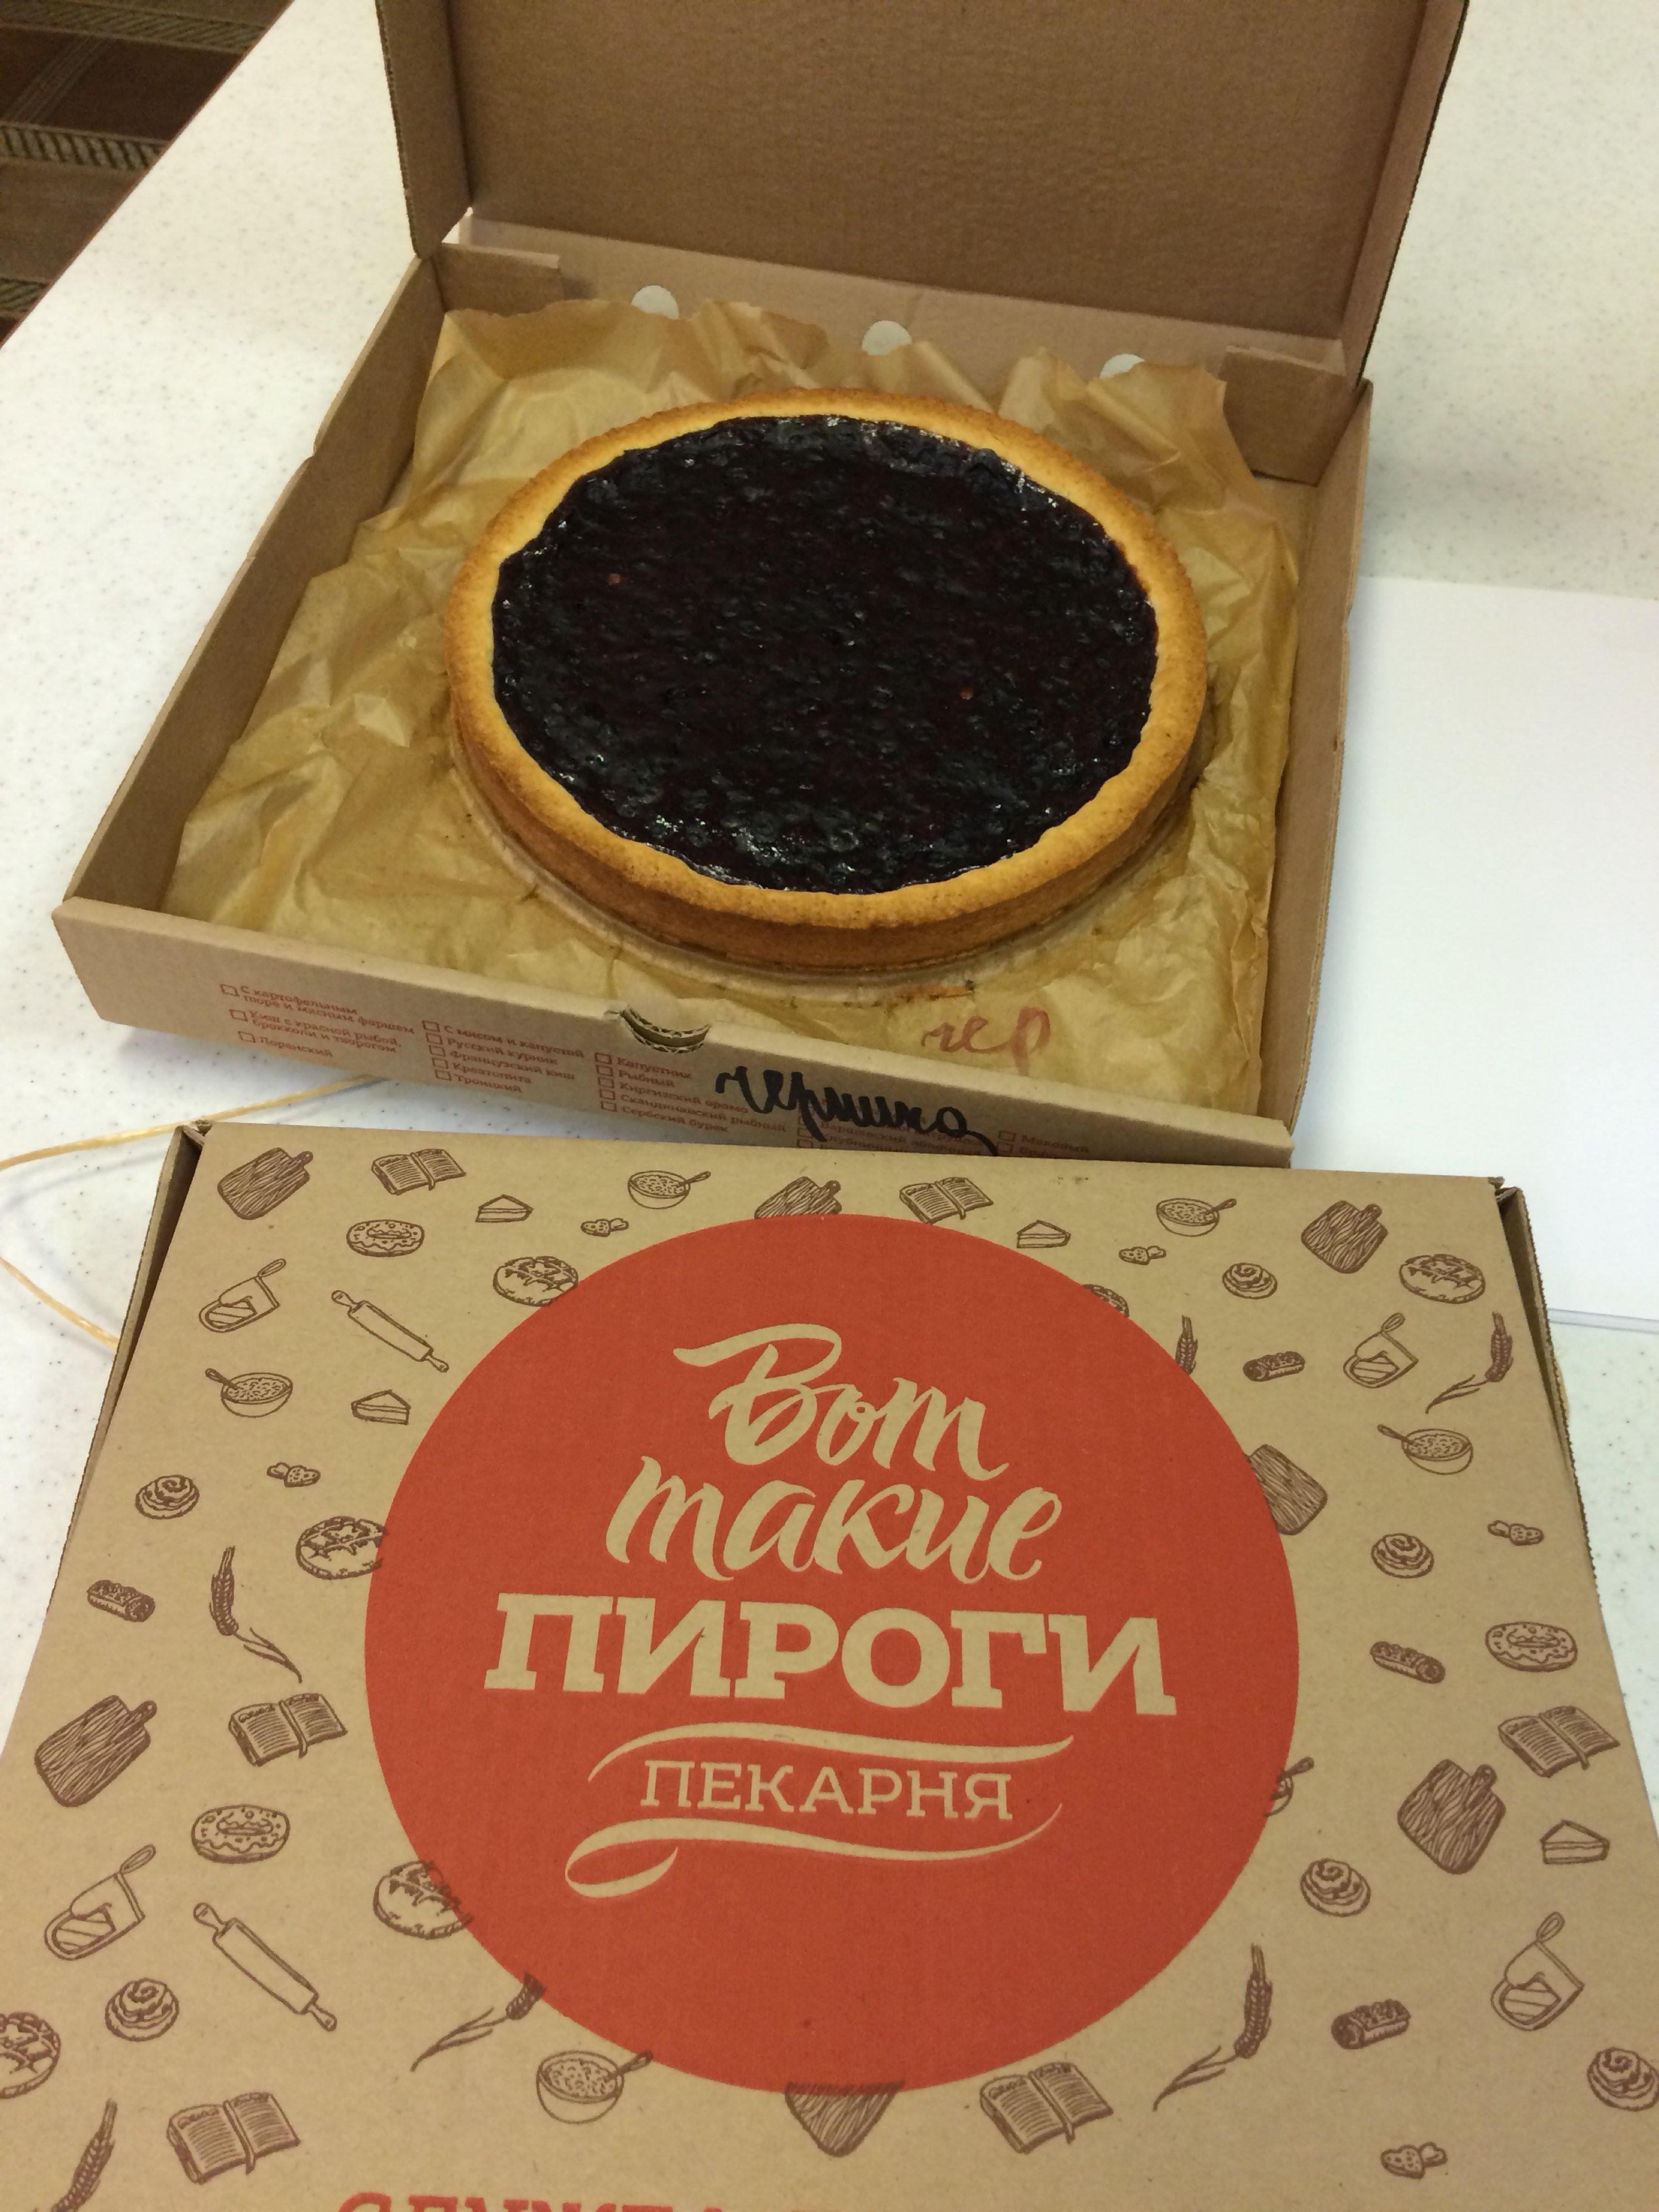 отзовы о пекарне вот такие пироги новосибирск трассе Пермь